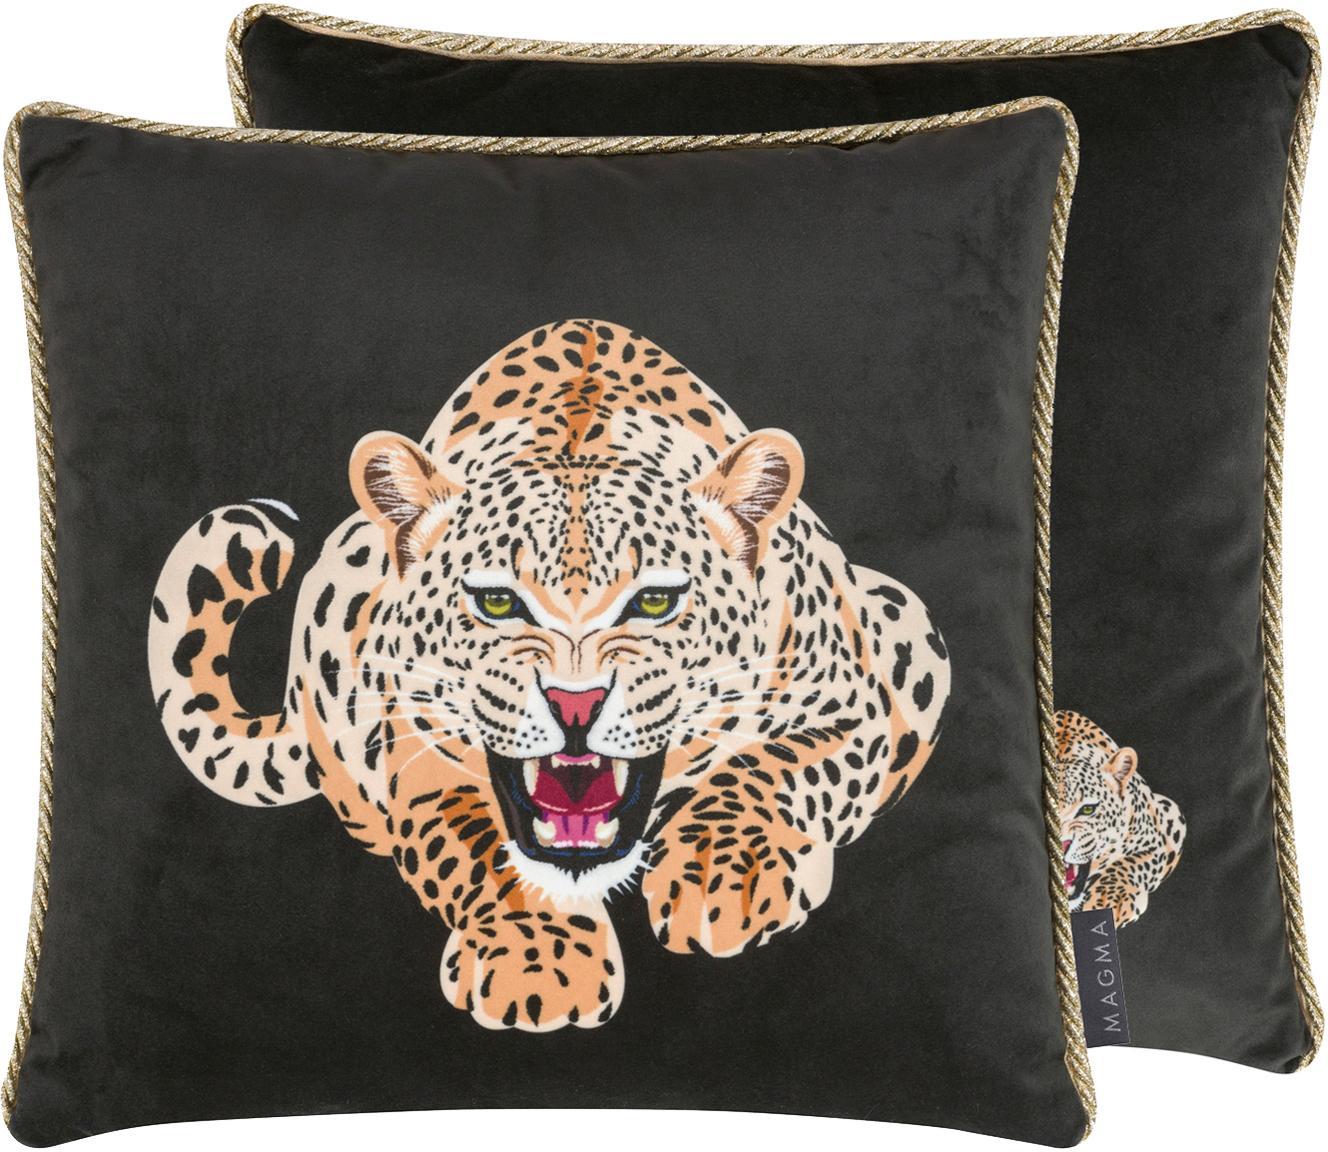 Dwustronna poszewka na poduszkę z aksamitu Deluxe Leo, 100% aksamit poliestrowy, nadruk, Czarny, brązowy, biały, odcienie złotego, S 40 x D 40 cm